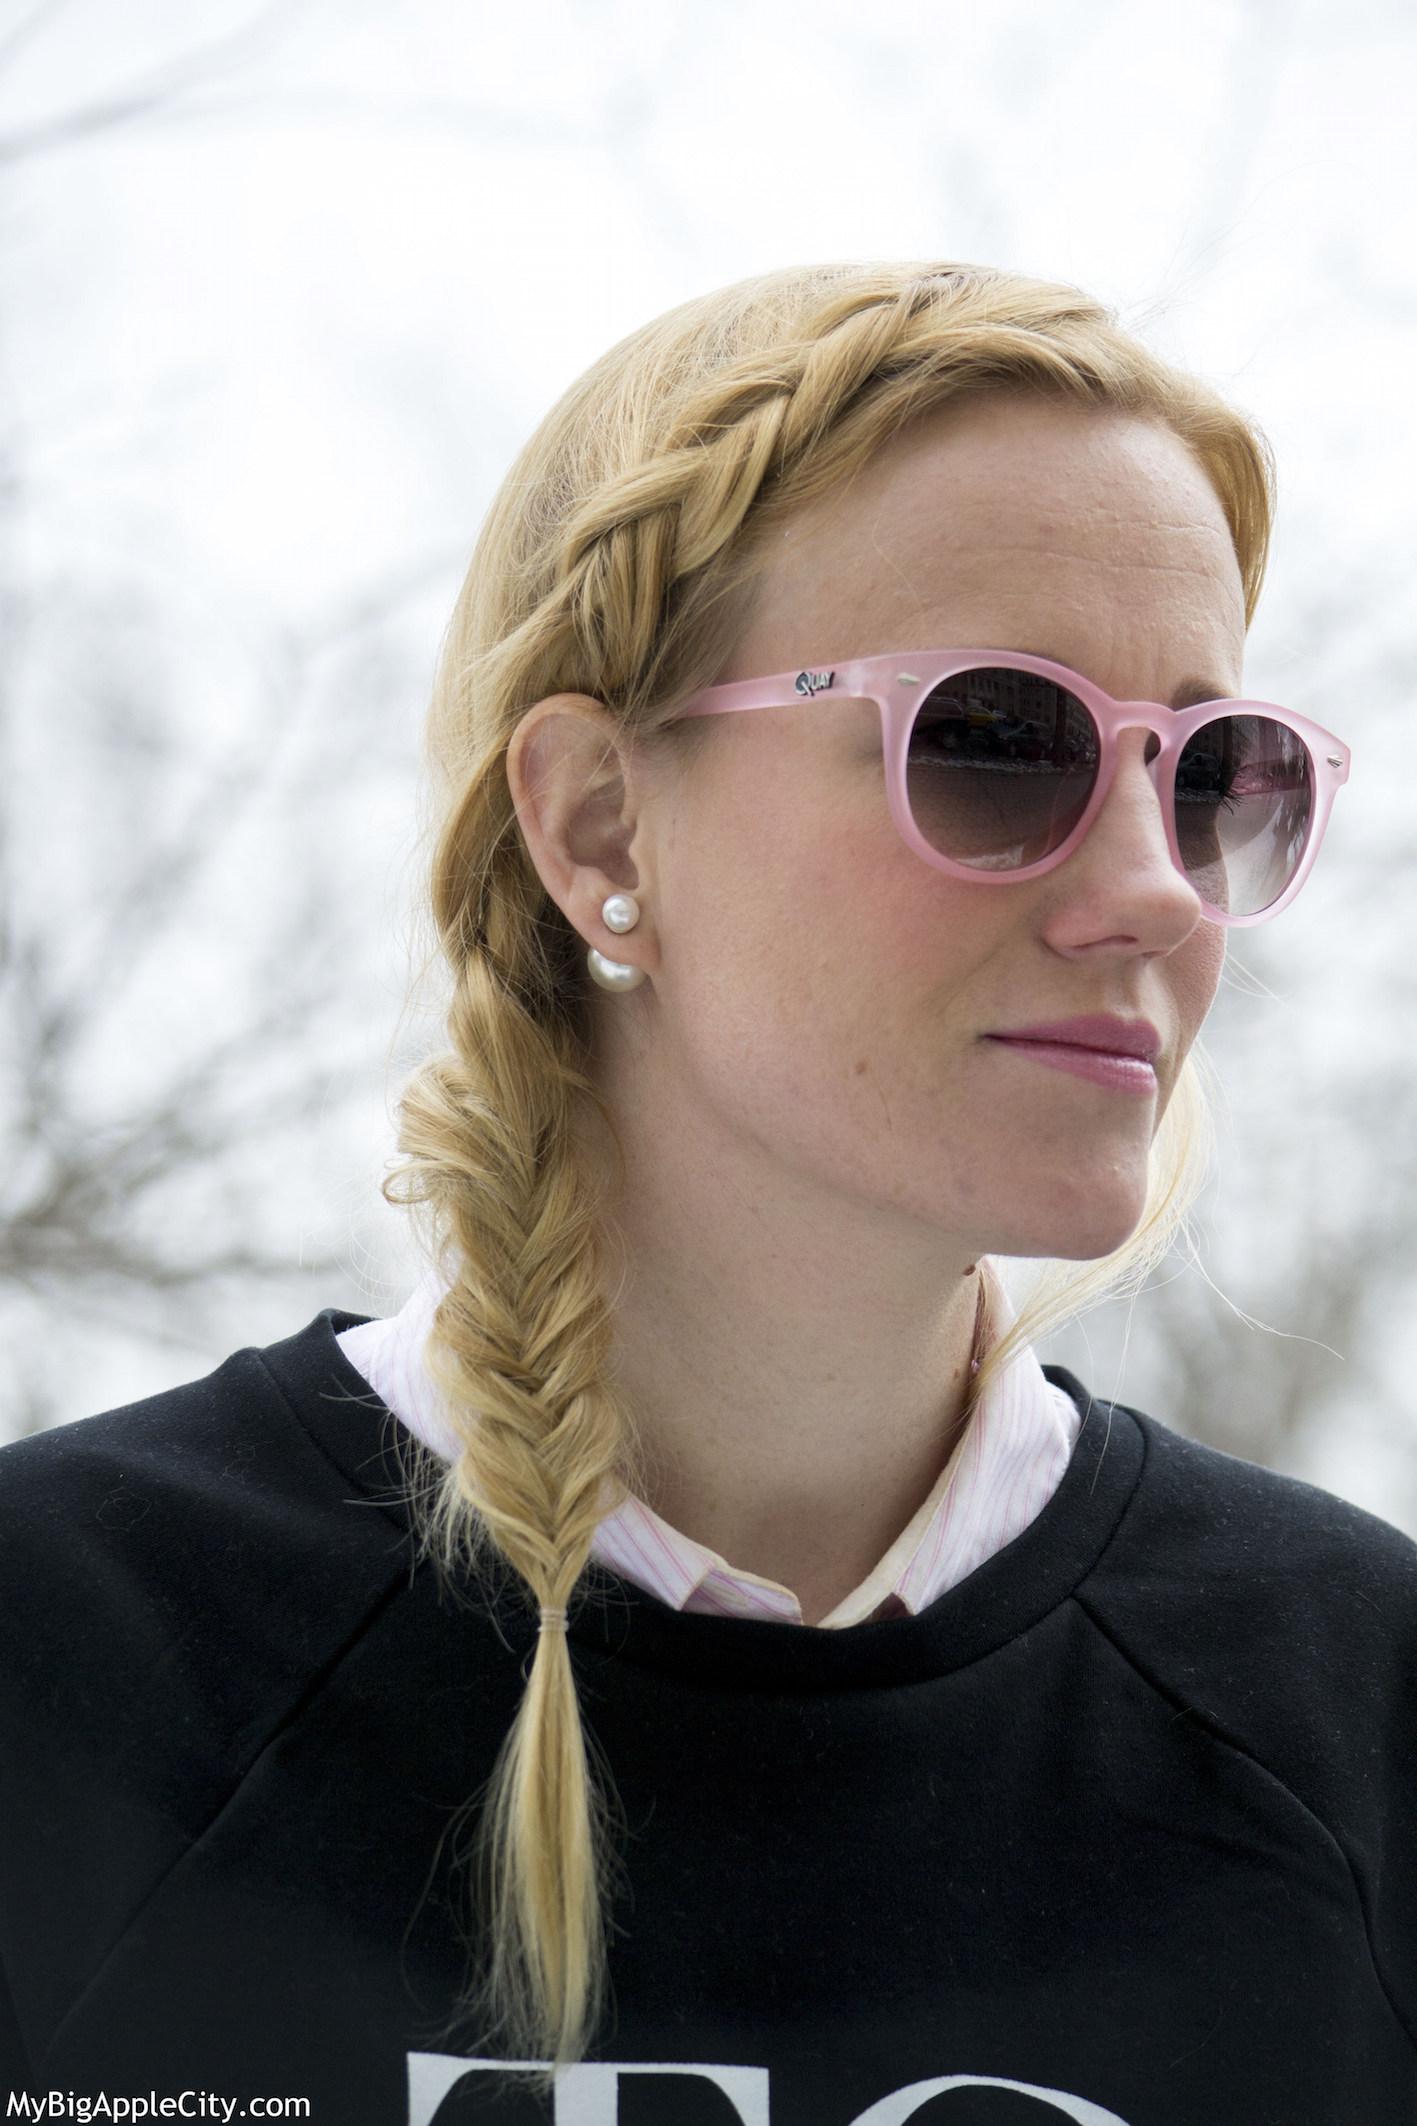 MyBigAppleCity-Fashion-blogger-hairstyle-dutch-braid